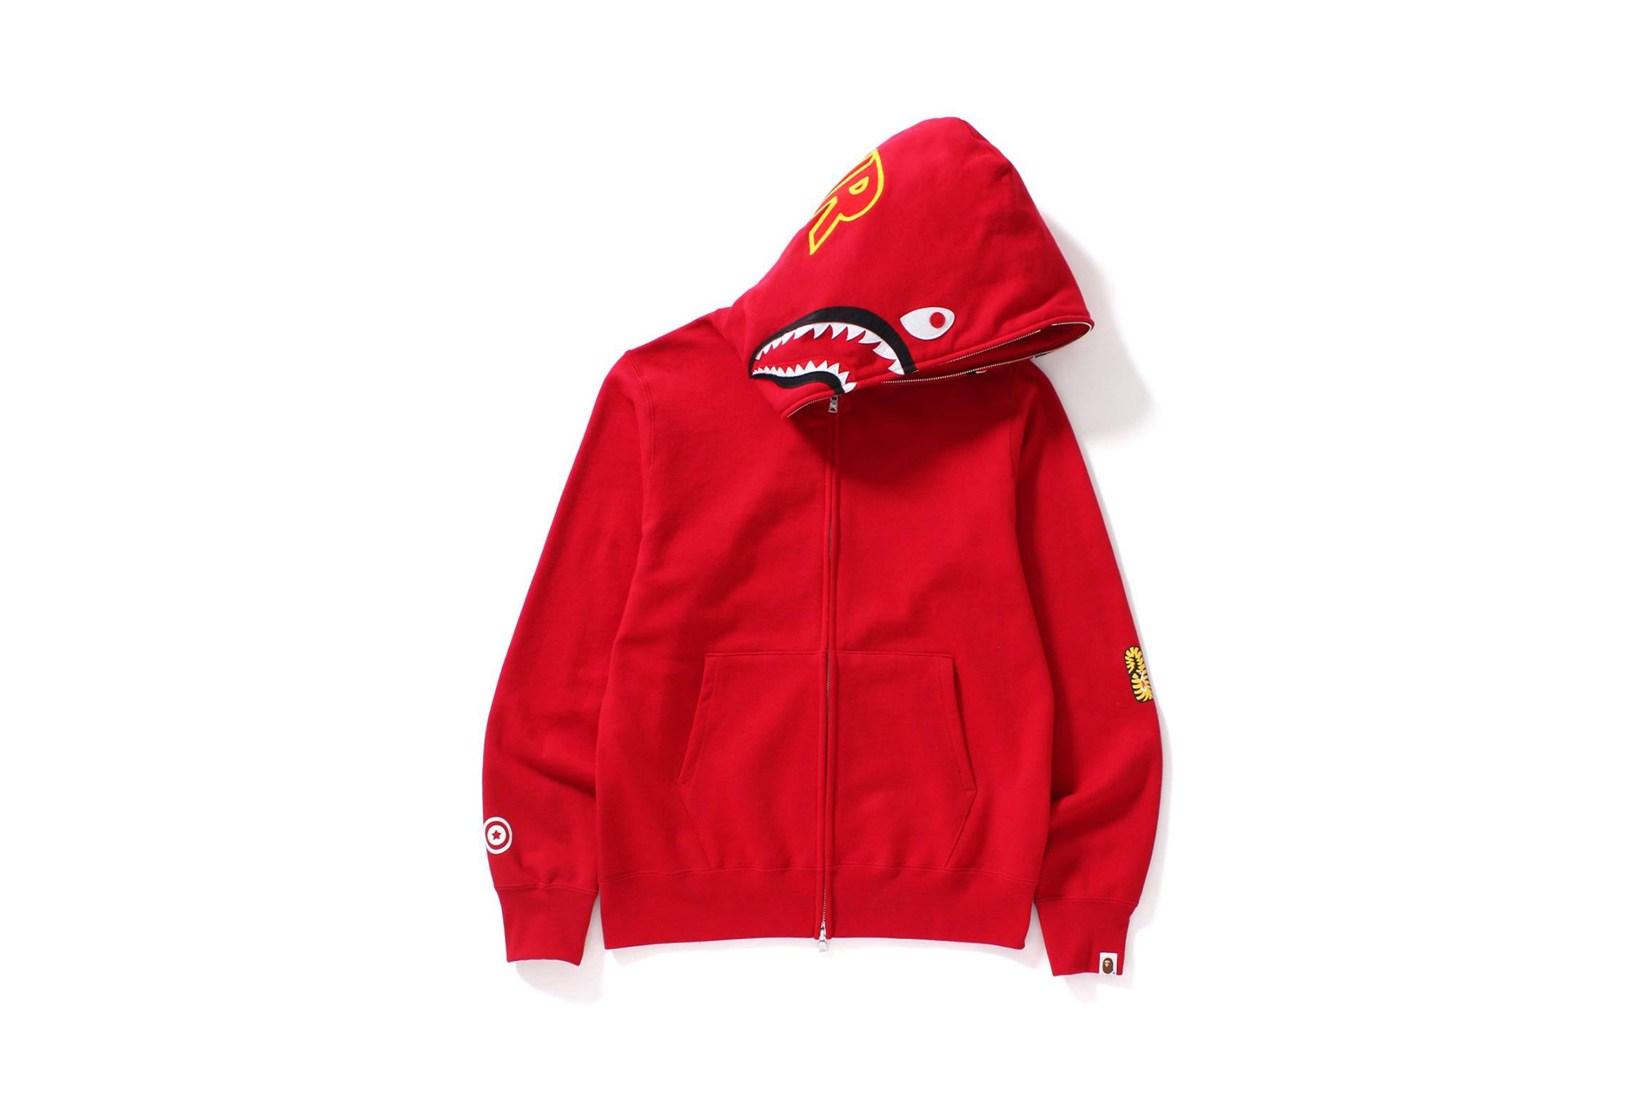 bape-2017-spring-summer-shark-hoodies-2